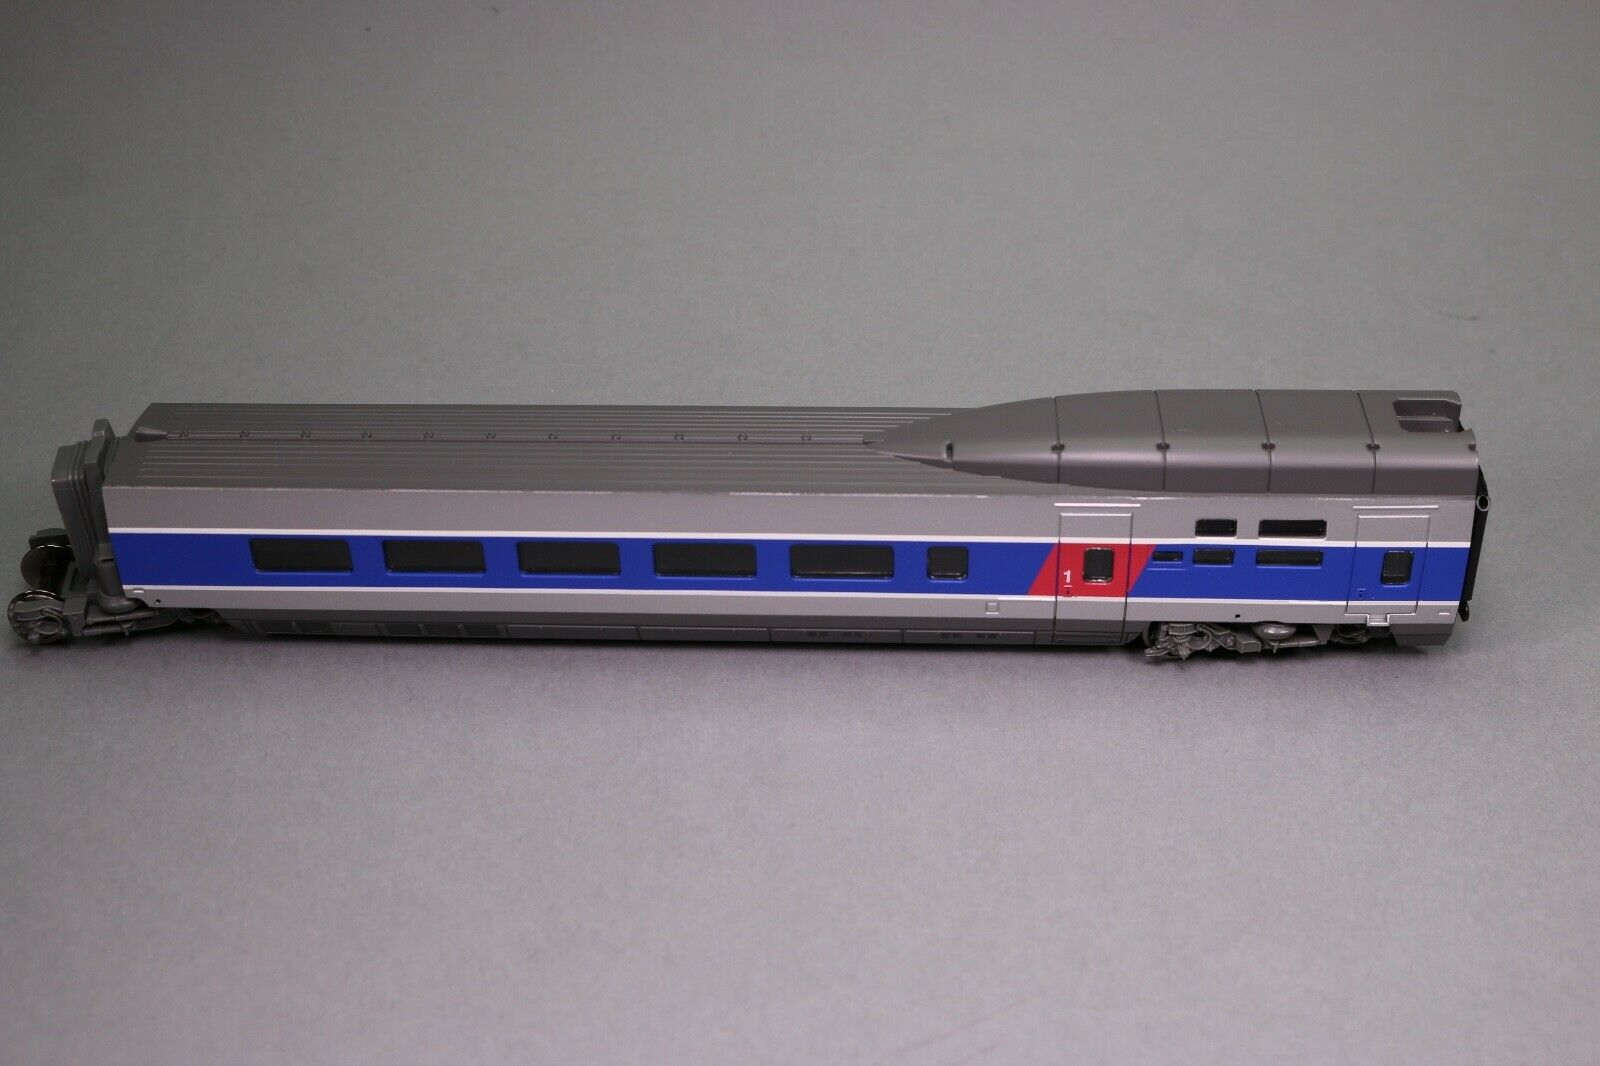 Zb293 car train lima oh tgv Atlantic class 1 bogie isole continuous 2 rails